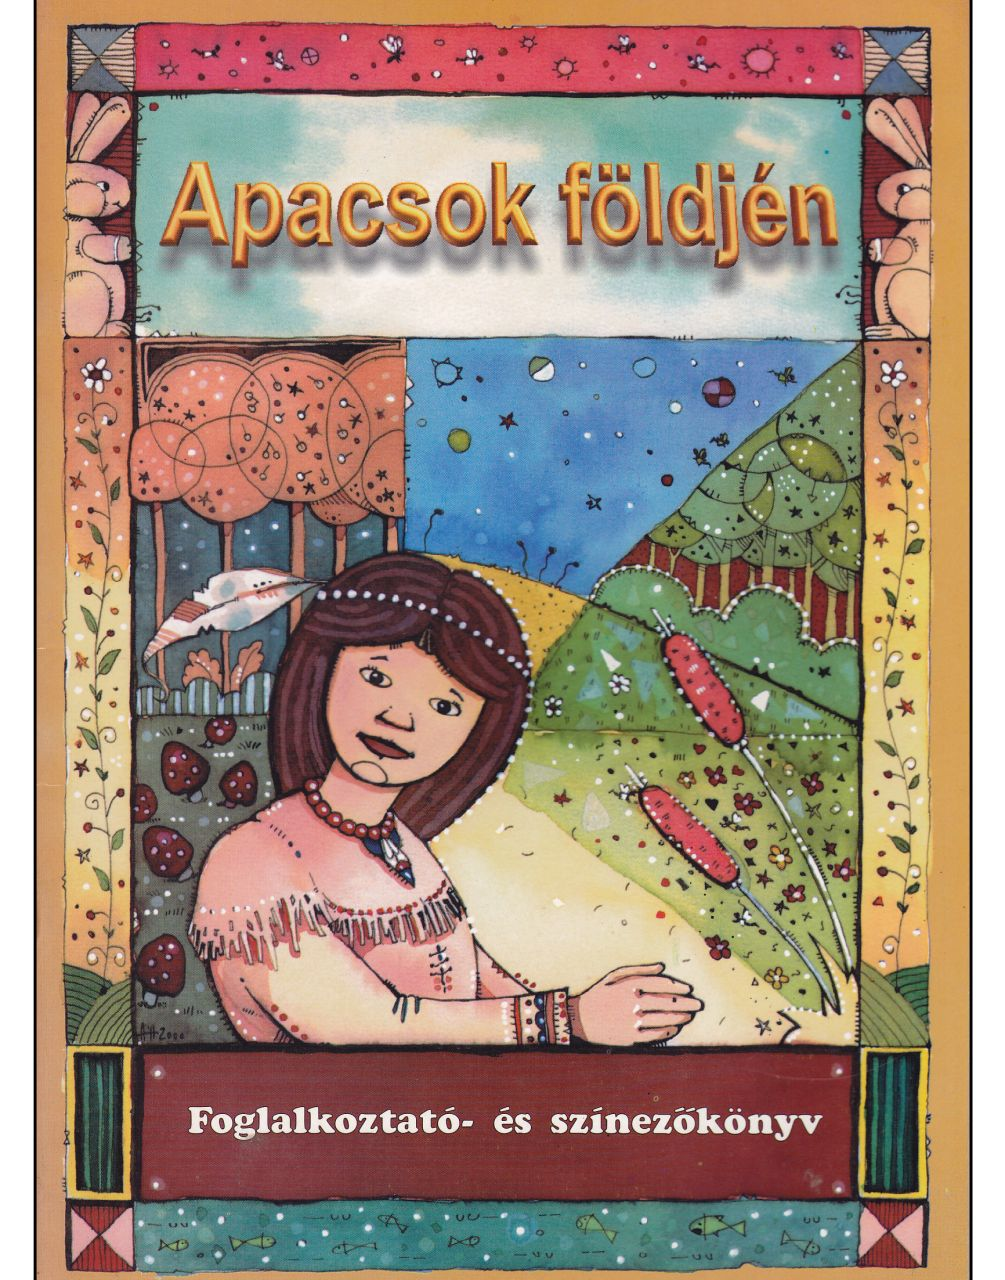 Apacsok földjén – Foglalkoztató- és színezőkönyv (könyv)